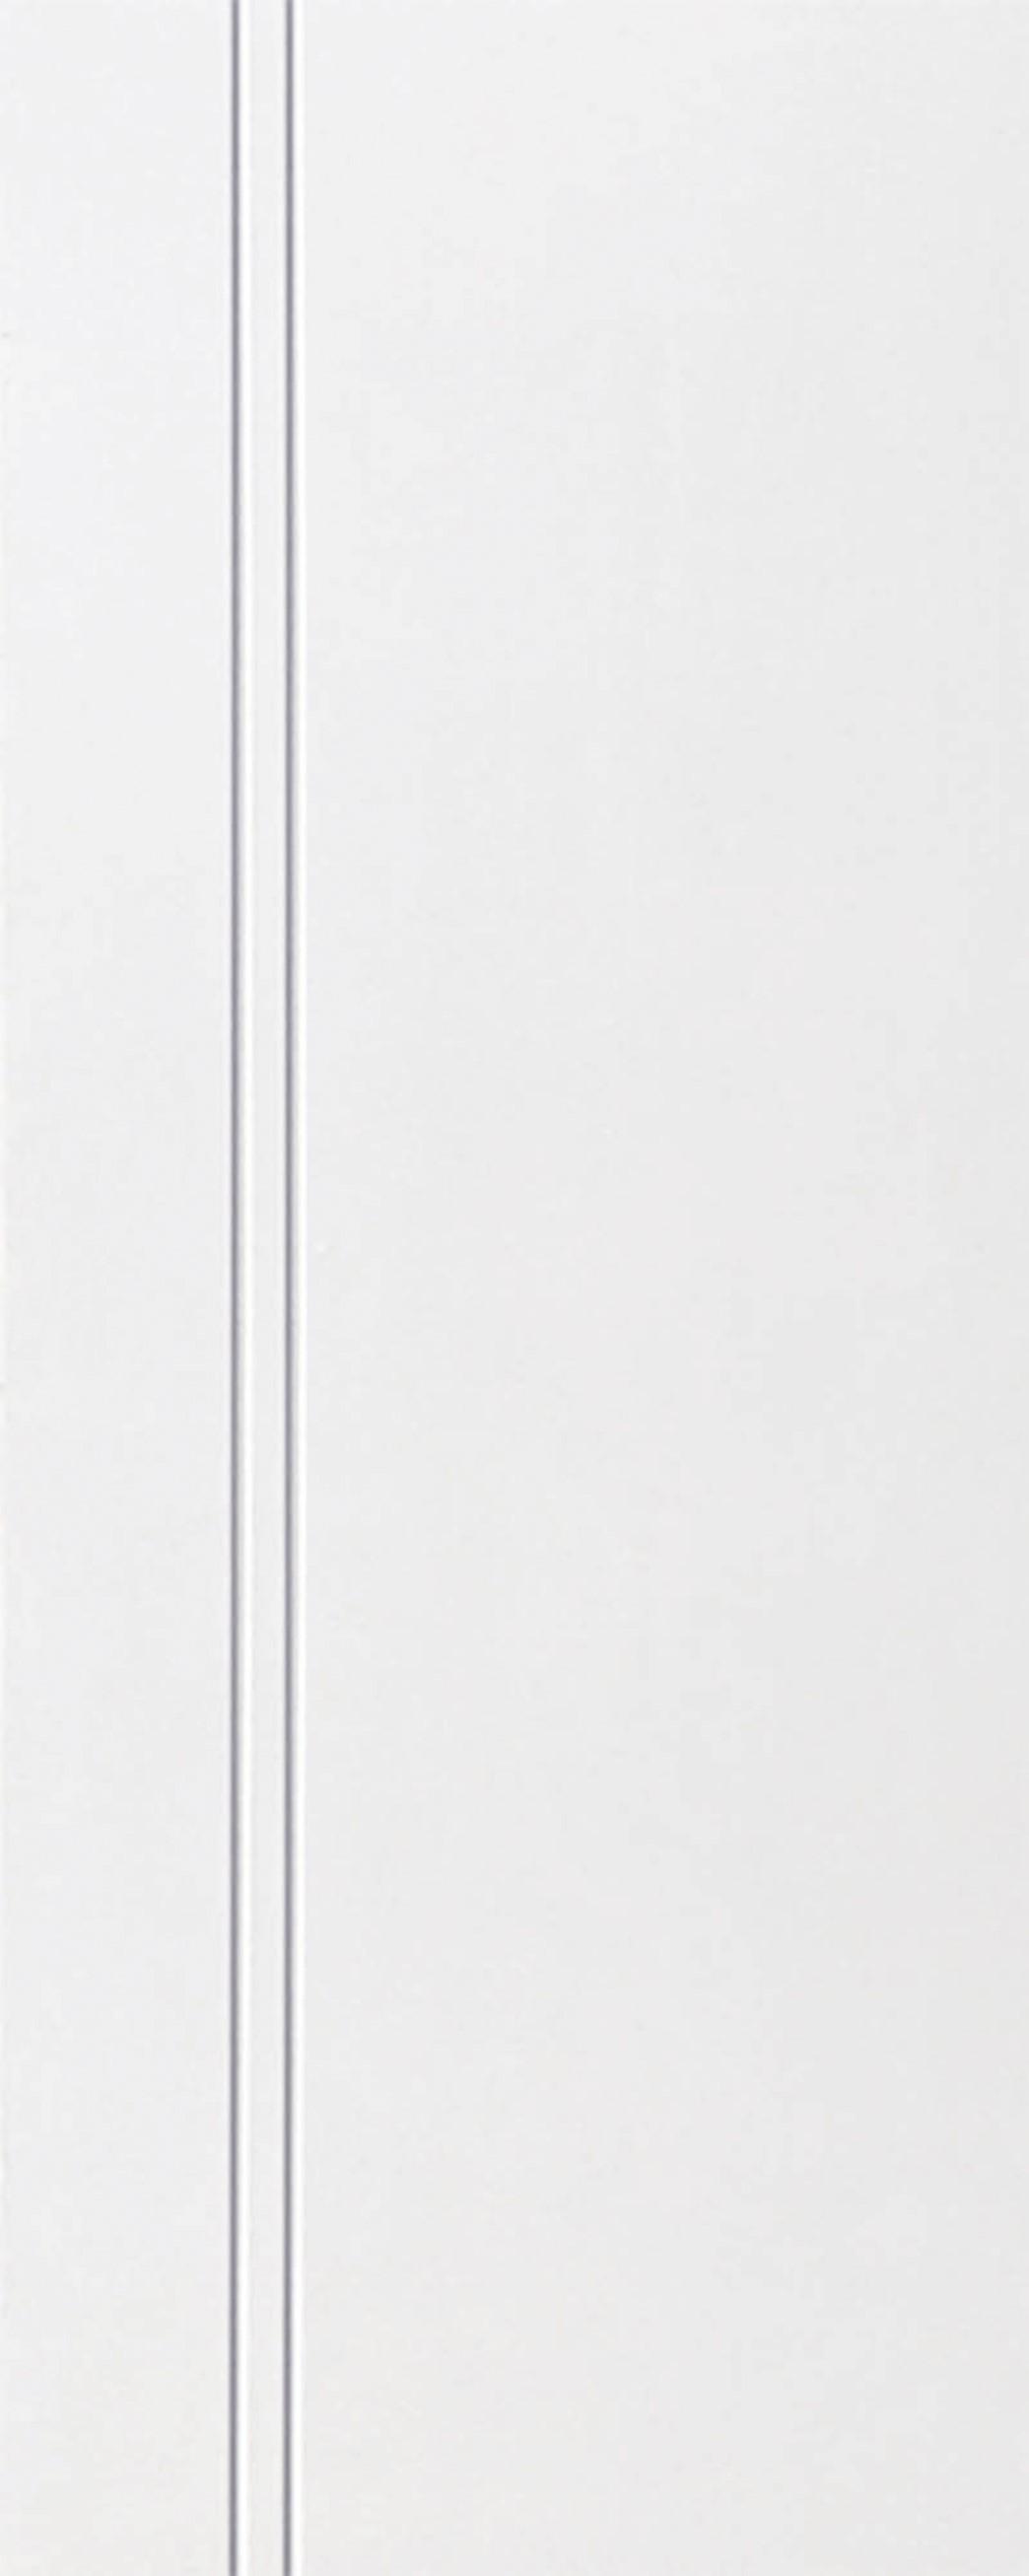 ประตูUPVC สีขาว บานเรียบ เซาะร่อง 2 เส้นตรง